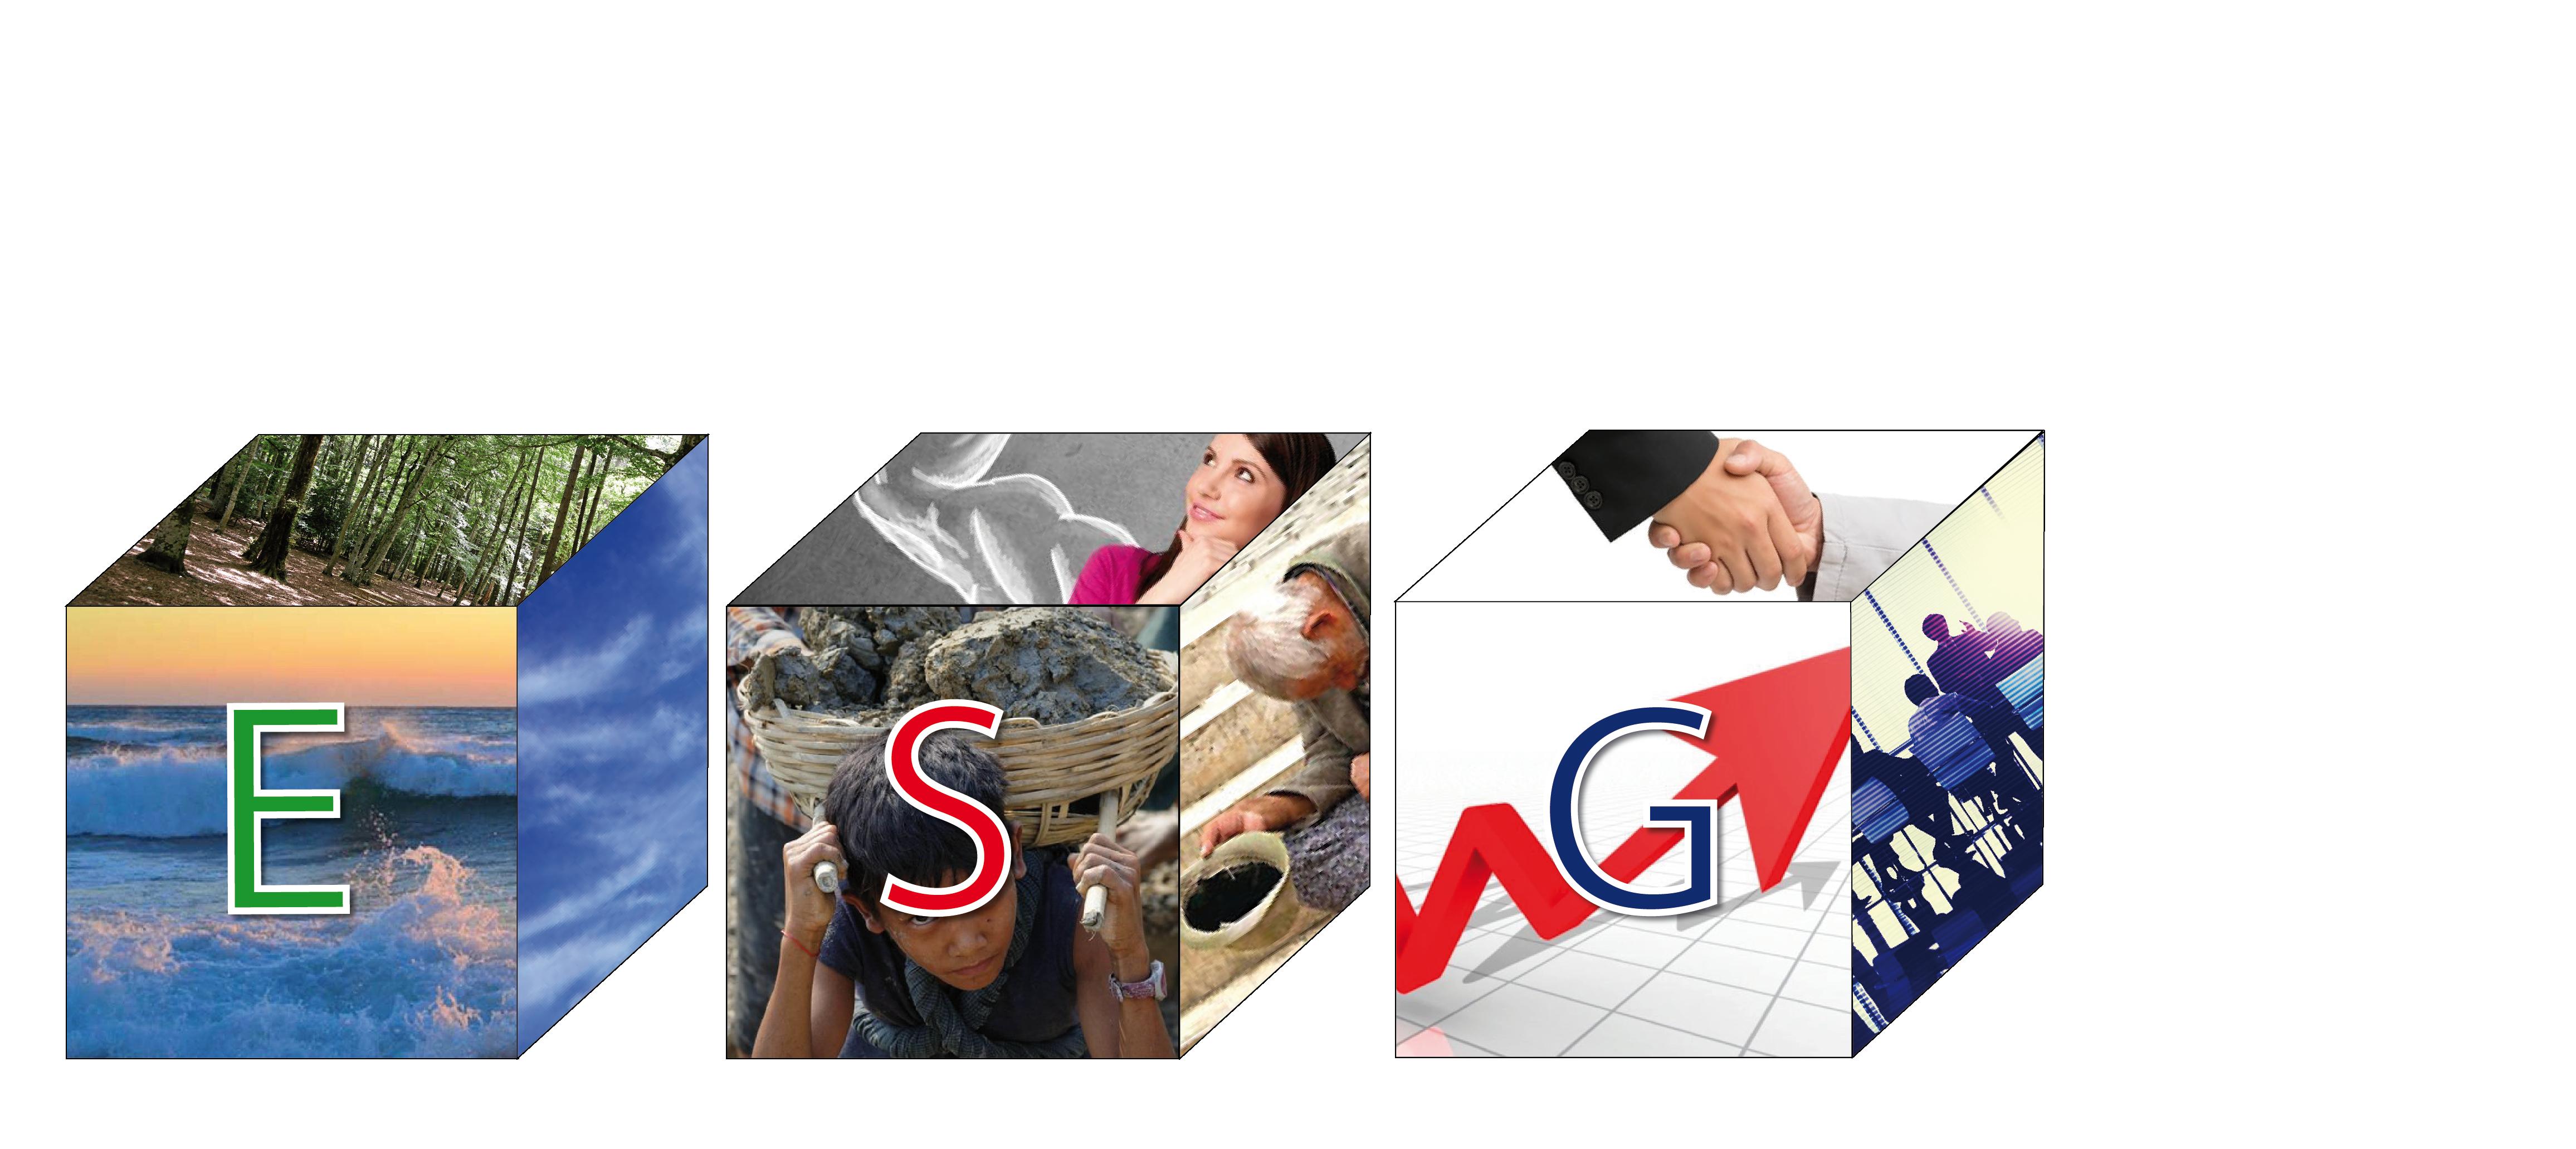 cubi-italiaesg-rating-di-sostenibilita